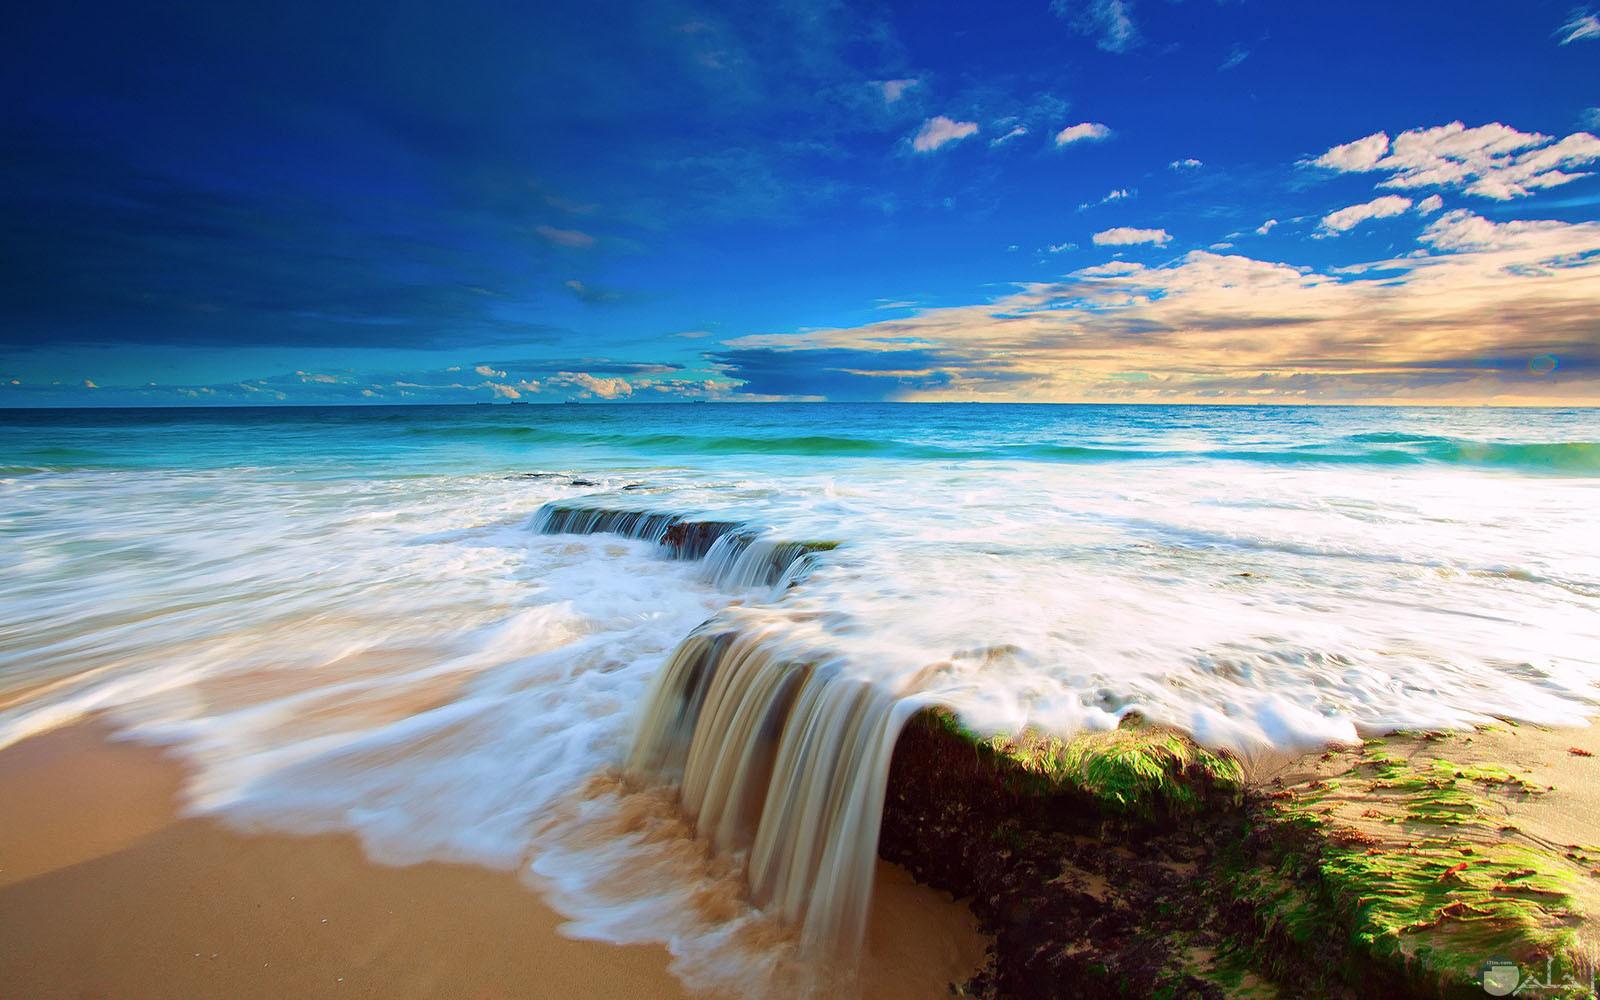 أمواج البحر على الصخور منظر روعة و جميل.